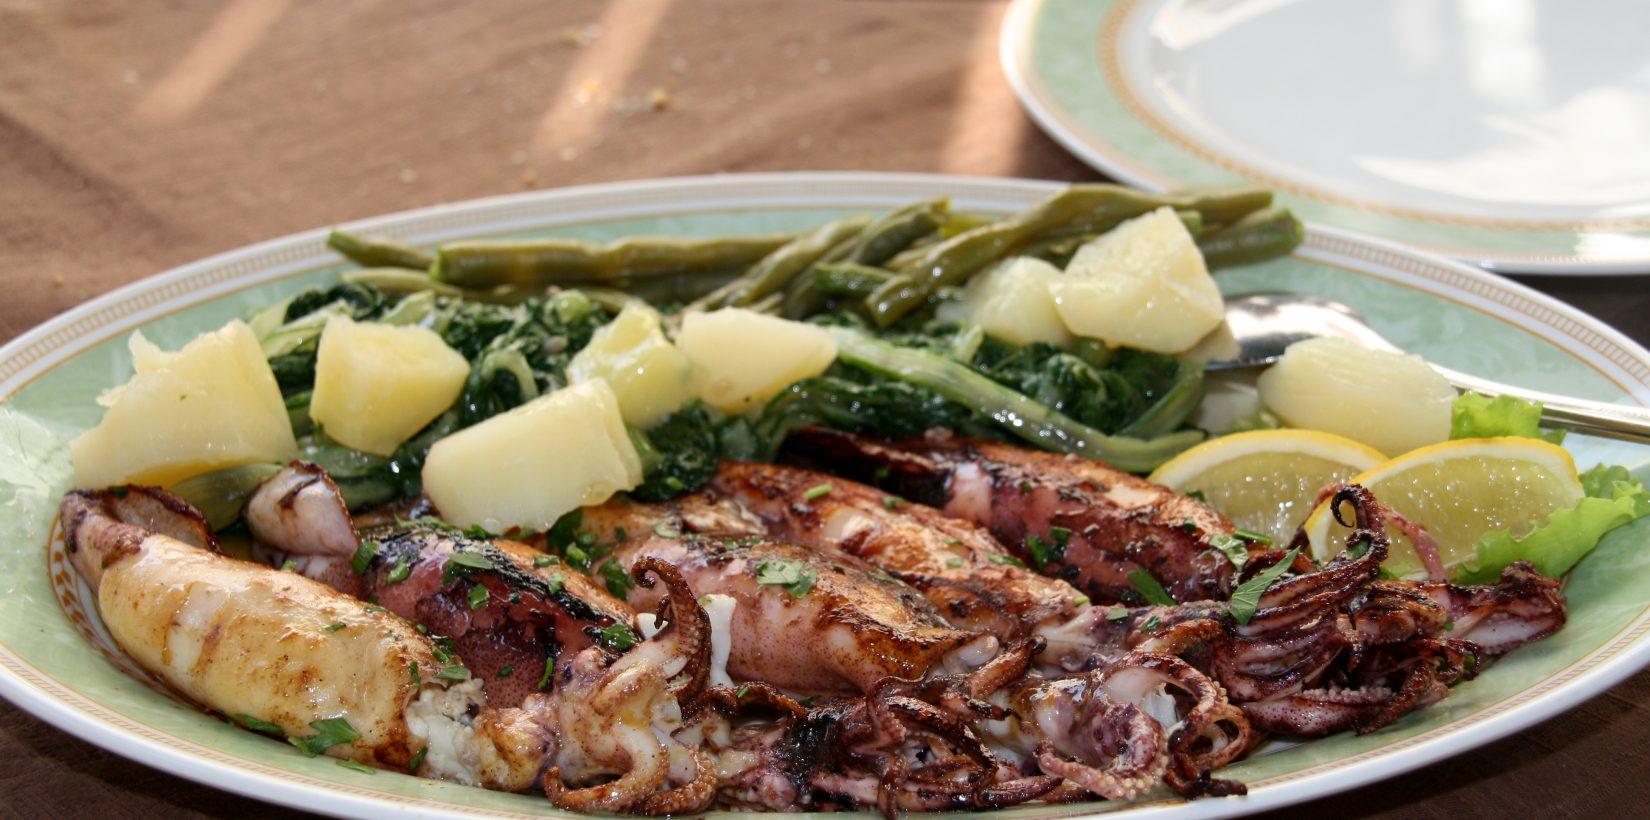 хорватская кухня рецепты с фото они